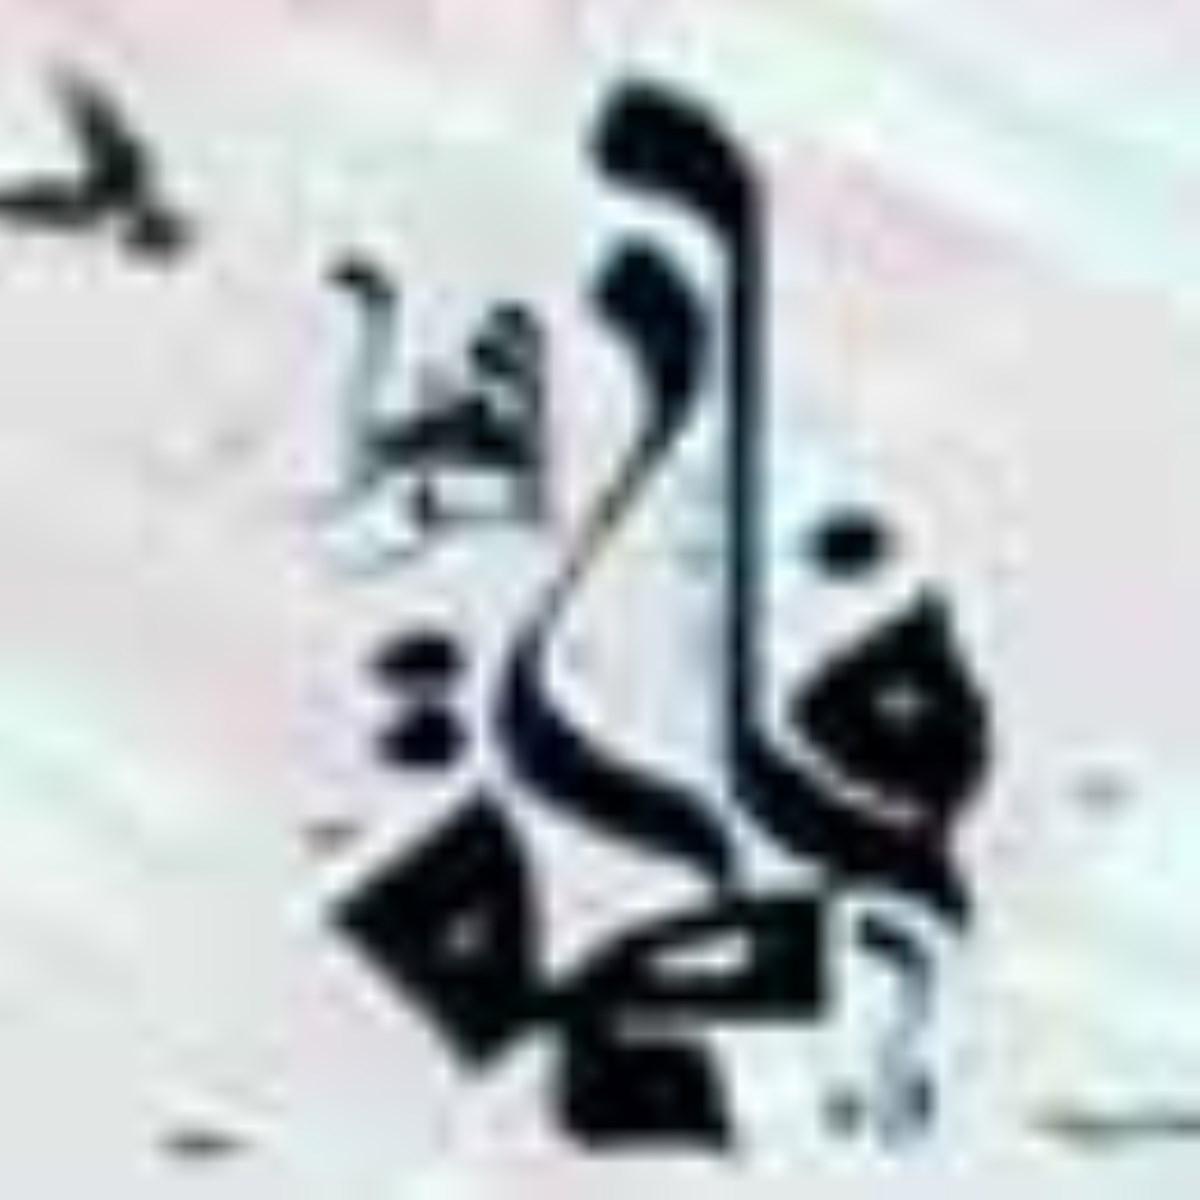 درسهايي از ازدواج حضرت زهرا (س) و حضرت علي (ع) براي خانوادهها